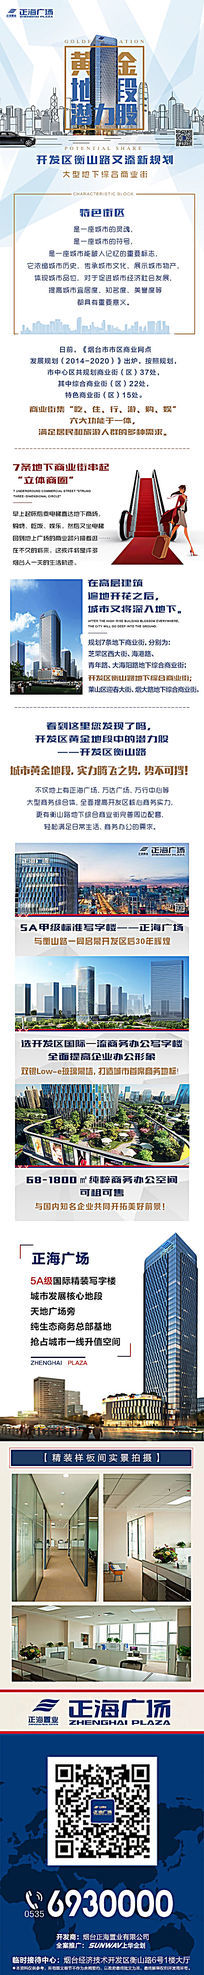 微信商业街地产广告模板